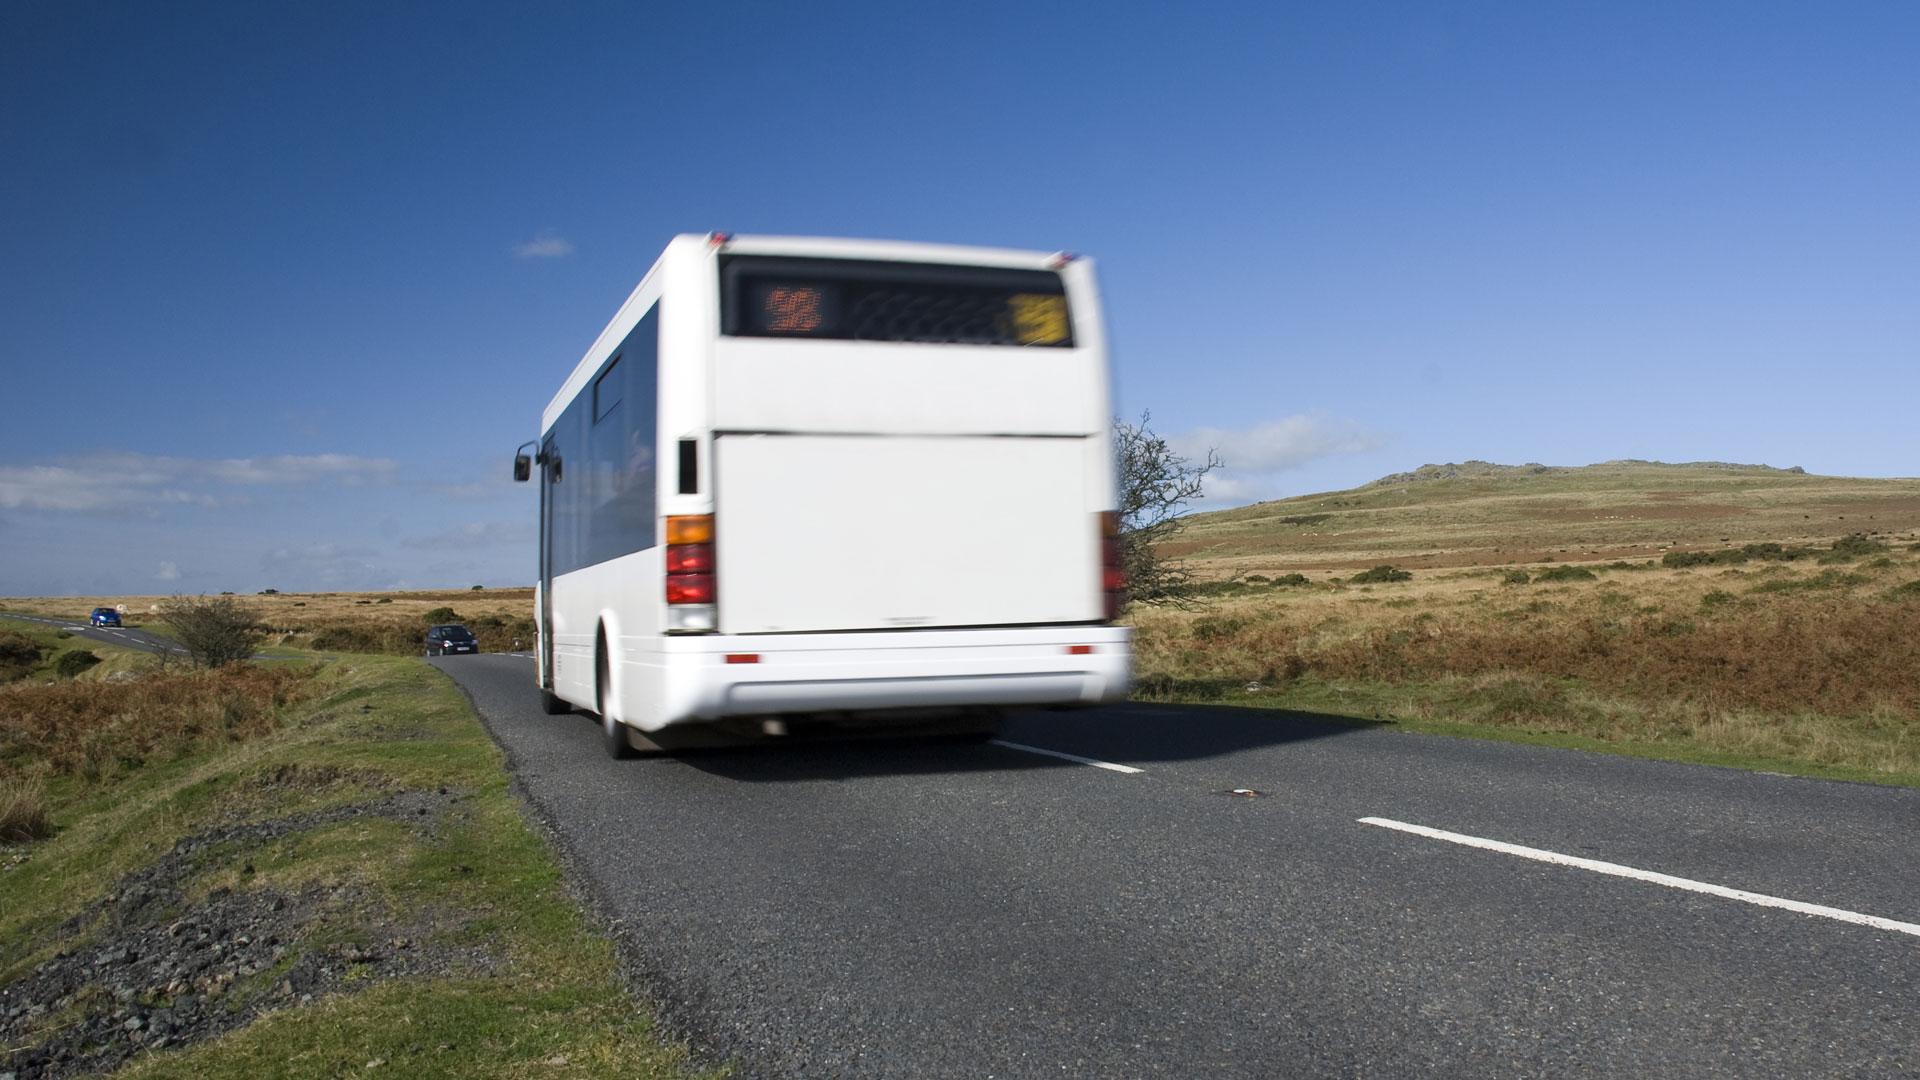 Rural bus service Dartmoor